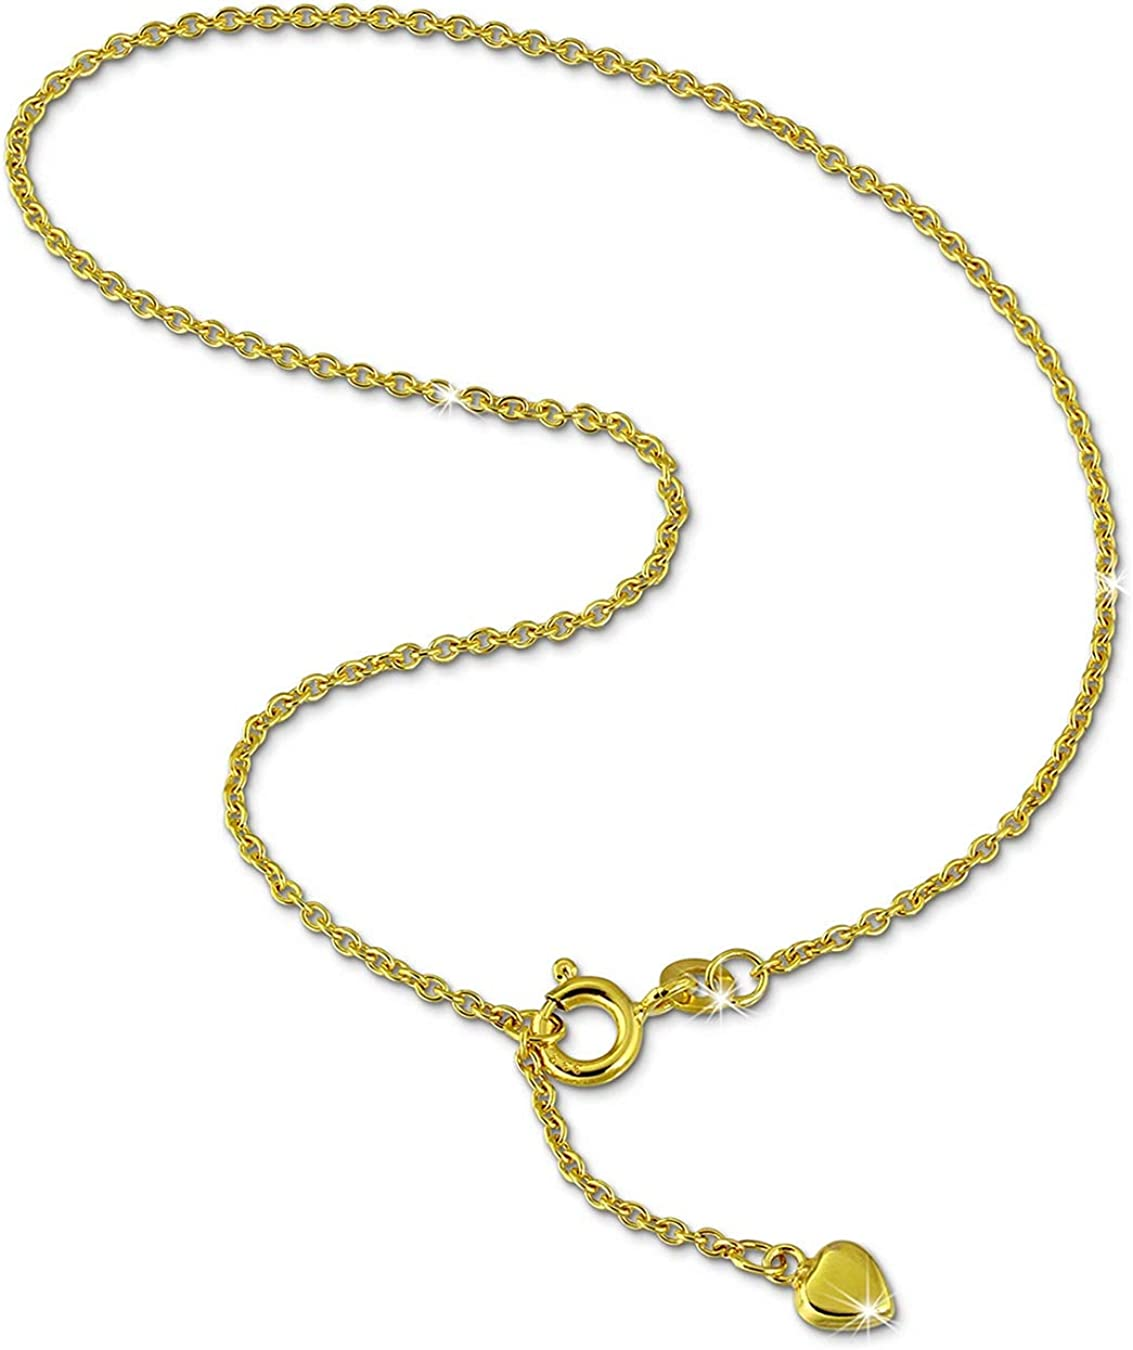 SilberDream coeur Les dames de la cha/îne de cheville bijoux en or 25cm 333 or jaune GDF0055Y